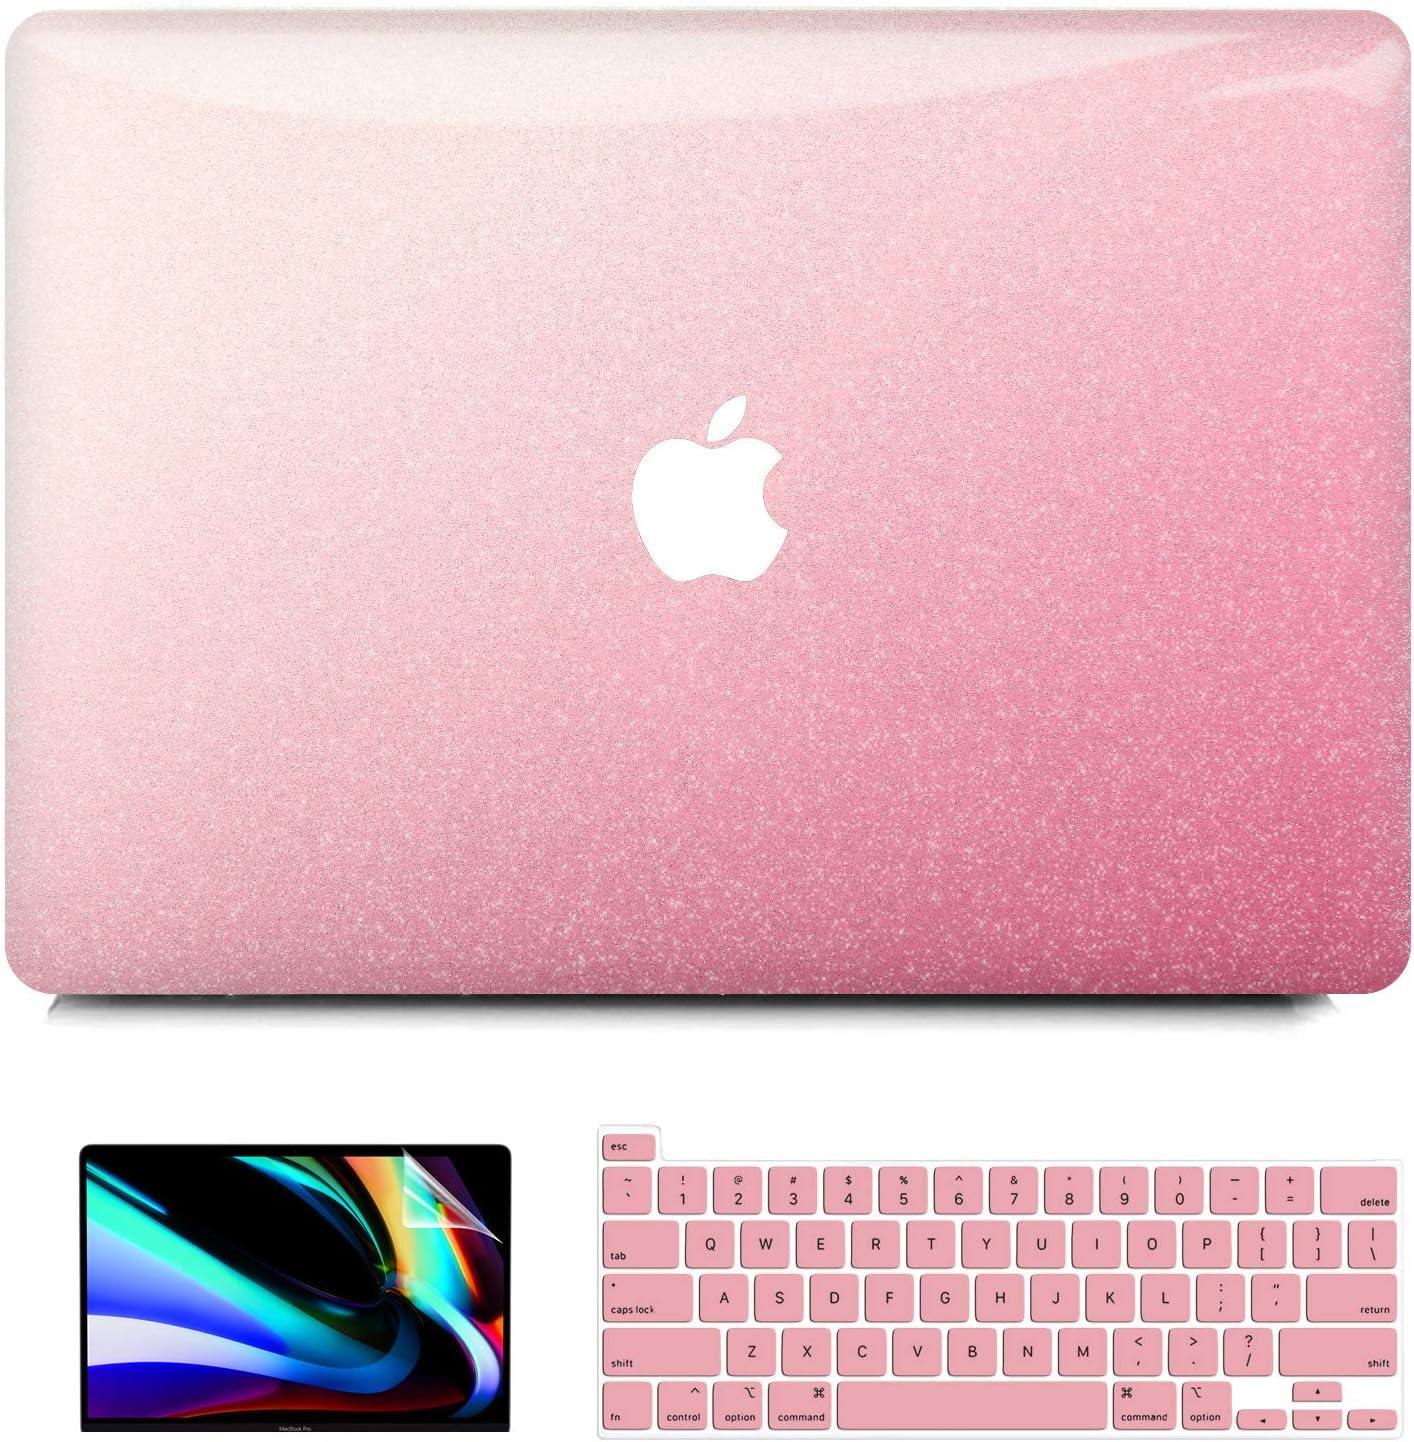 iPAPA MacBook Pro 13 inch Case 2020 Release A2338 M1 A2251 A2289 2019 2018 2017 2016 A2159 A1989 A1706 A1708,Glittery Plastic Hard Cover + Keyboard Cover + Screen Skin Touch Bar, MacBook Pro 2020 Case